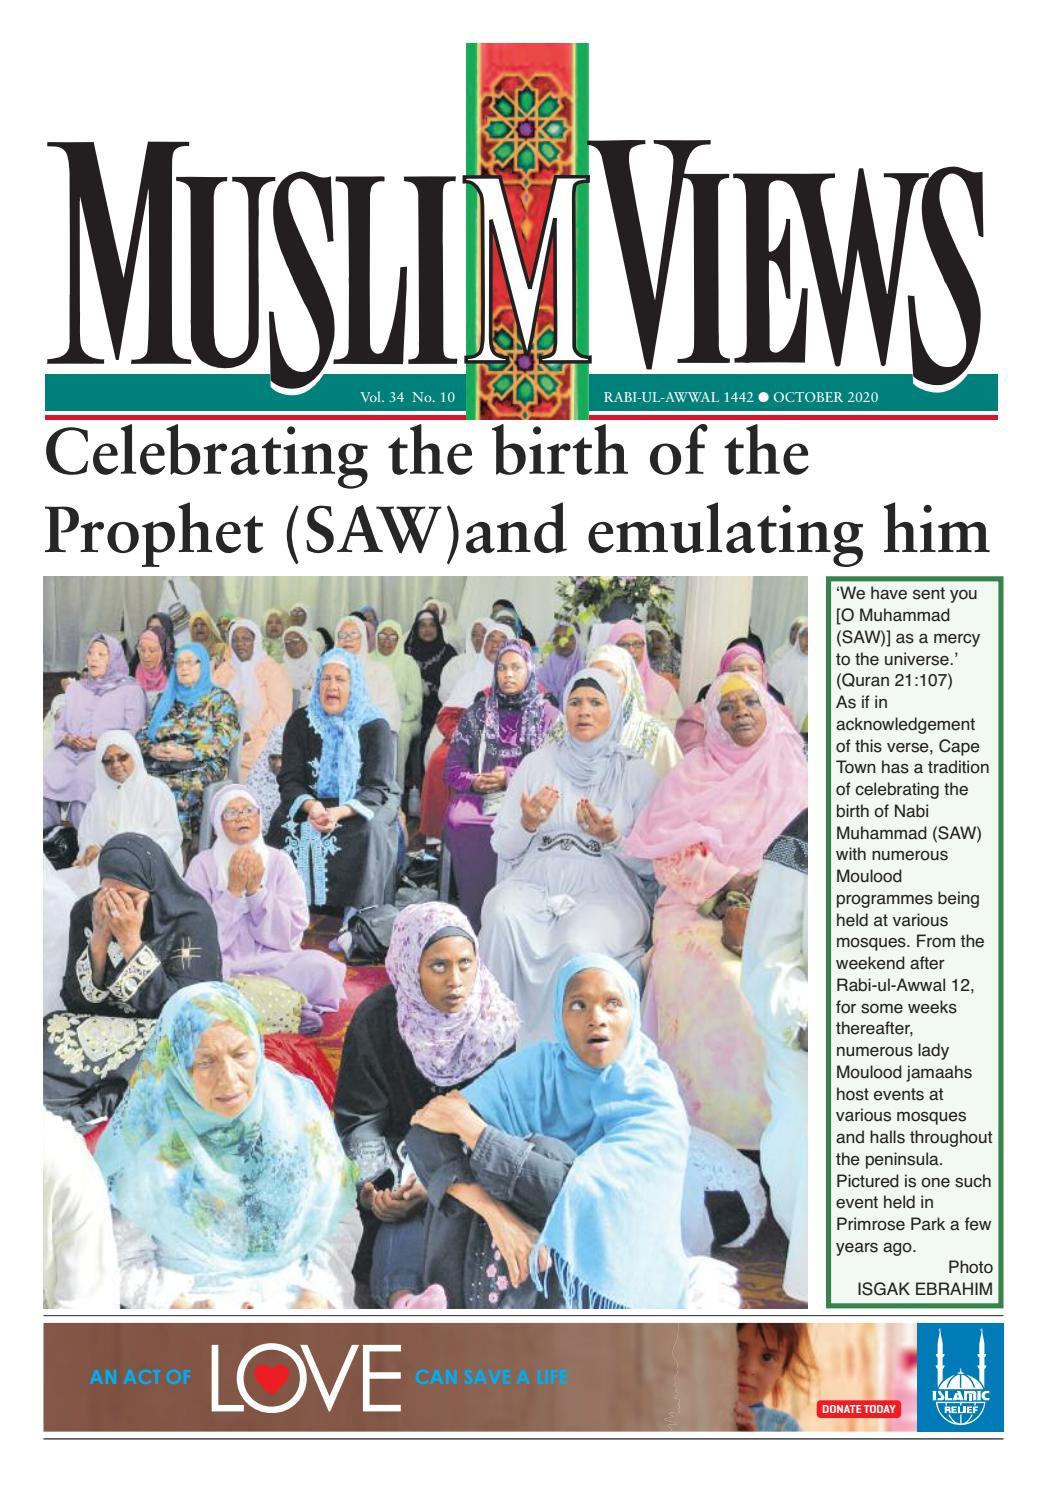 site- ul islamic de dating cape town)